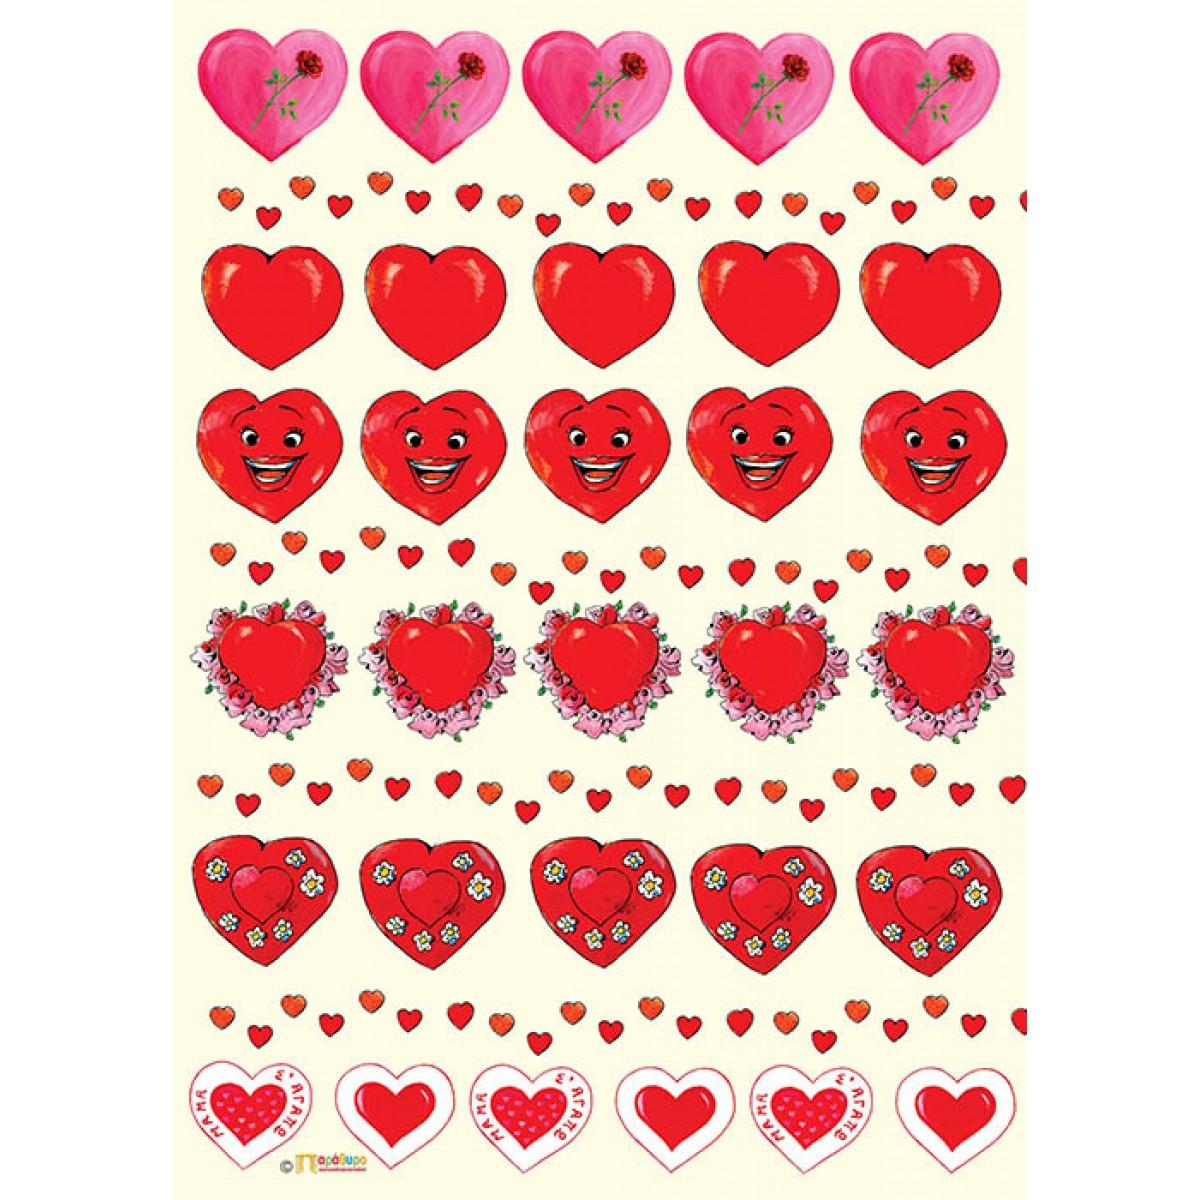 Χαρτόνια Παράθυρο Καρδιές 1 Χαρτόνια